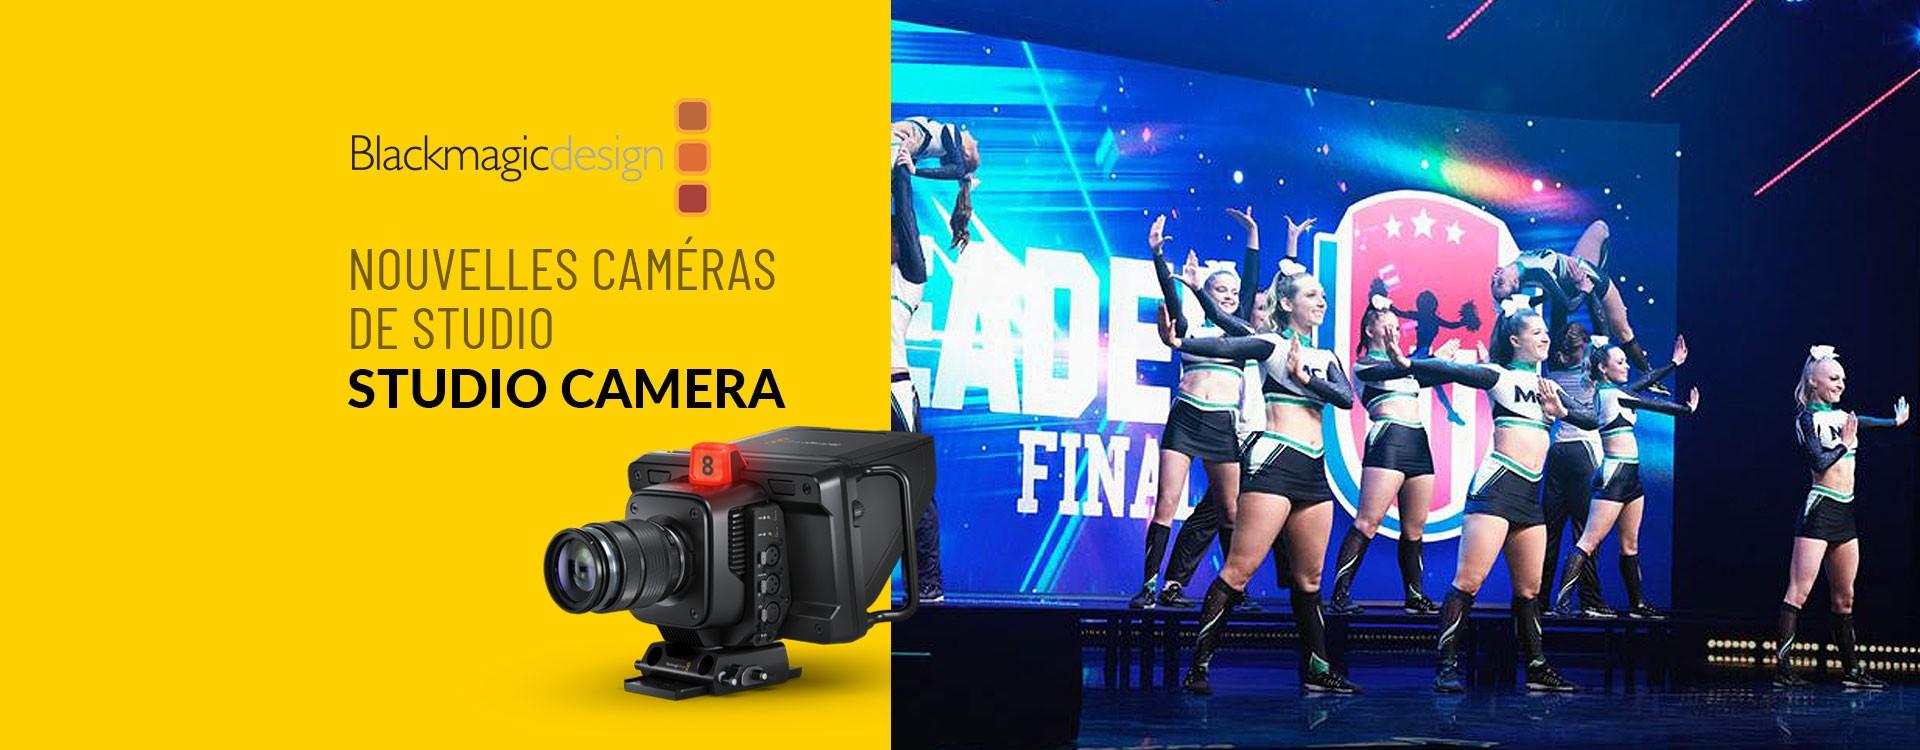 Blackmagic Design révèle sa nouvelle gamme Blackmagic Studio Cameras